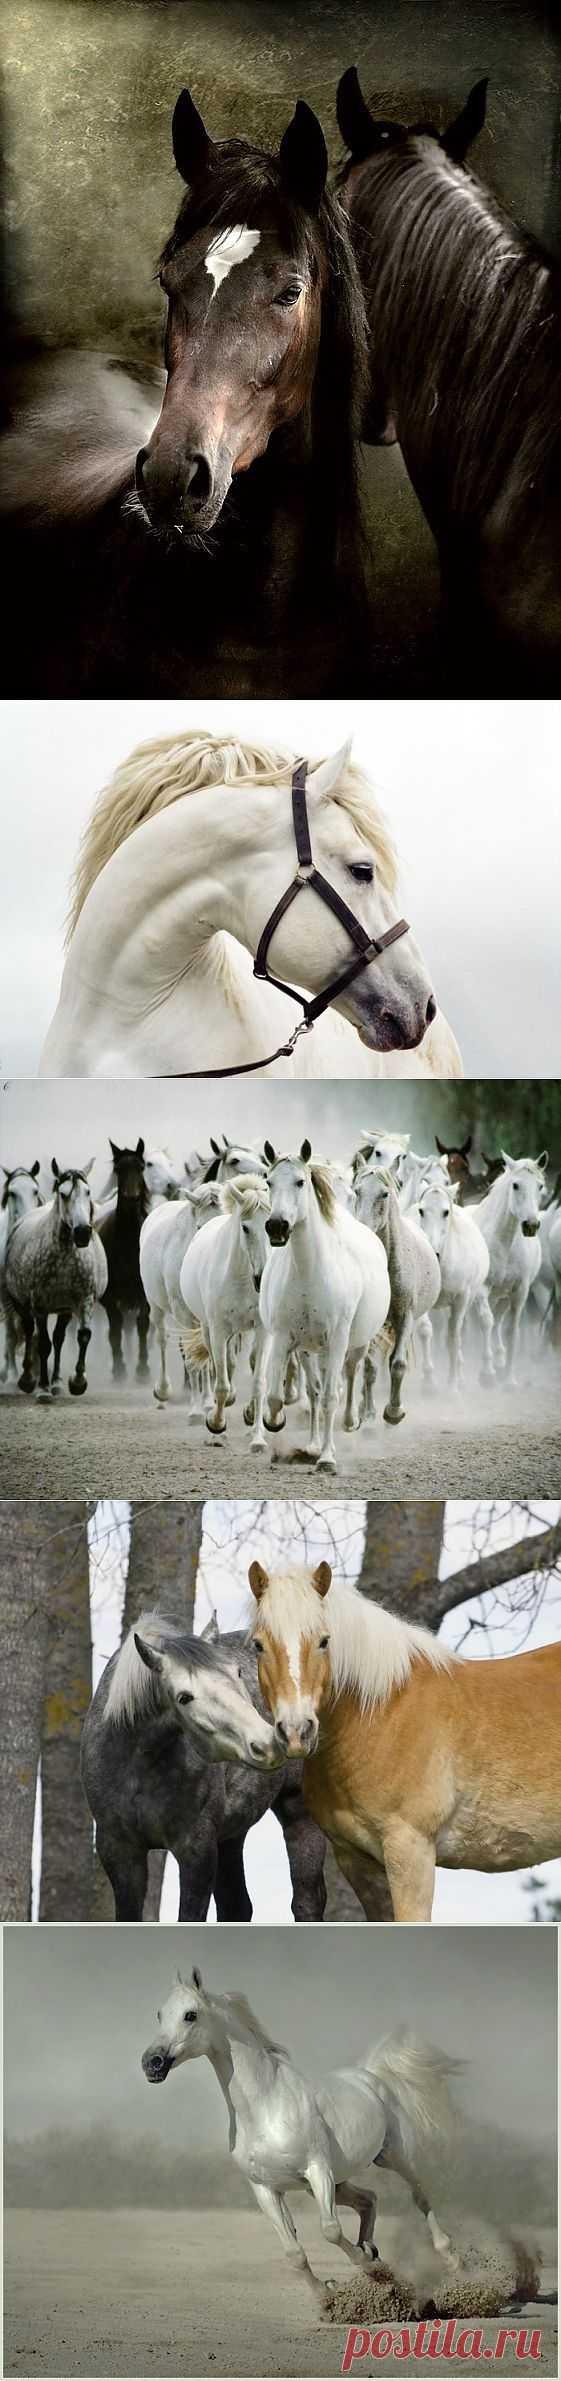 100 великолепных фотографий лошадей.